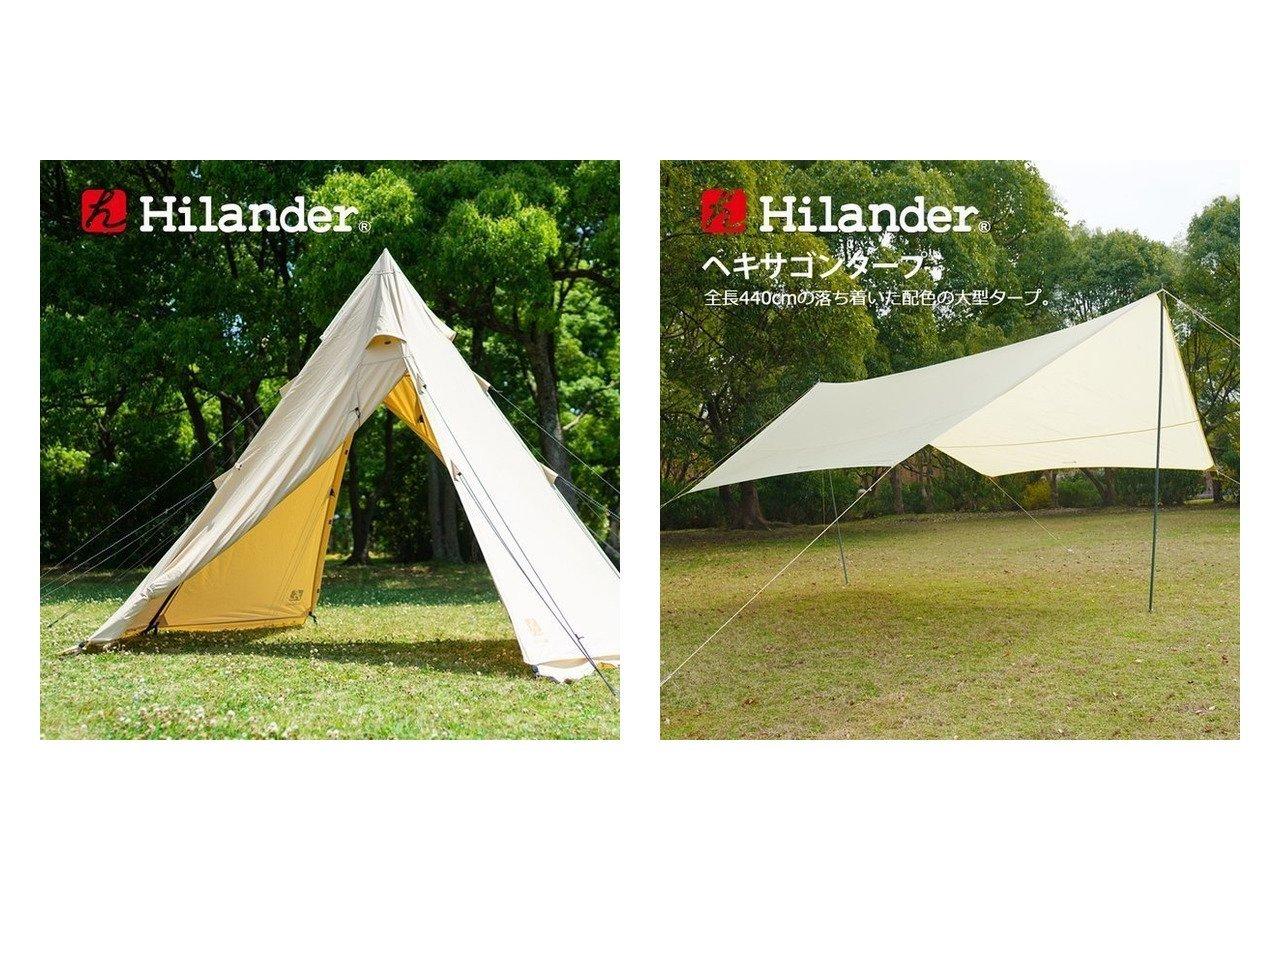 【Hilander/ハイランダー】のA型フレーム ネヴィス&ヘキサゴンタープ440 【テント】おすすめ!人気キャンプ・アウトドア用品の通販 おすすめで人気の流行・トレンド、ファッションの通販商品 インテリア・家具・メンズファッション・キッズファッション・レディースファッション・服の通販 founy(ファニー) https://founy.com/ ダブル フレーム ホーム・キャンプ・アウトドア Home,Garden,Outdoor,Camping Gear キャンプ用品・アウトドア  Camping Gear & Outdoor Supplies テント タープ Tents, Tarp  ID:crp329100000051162